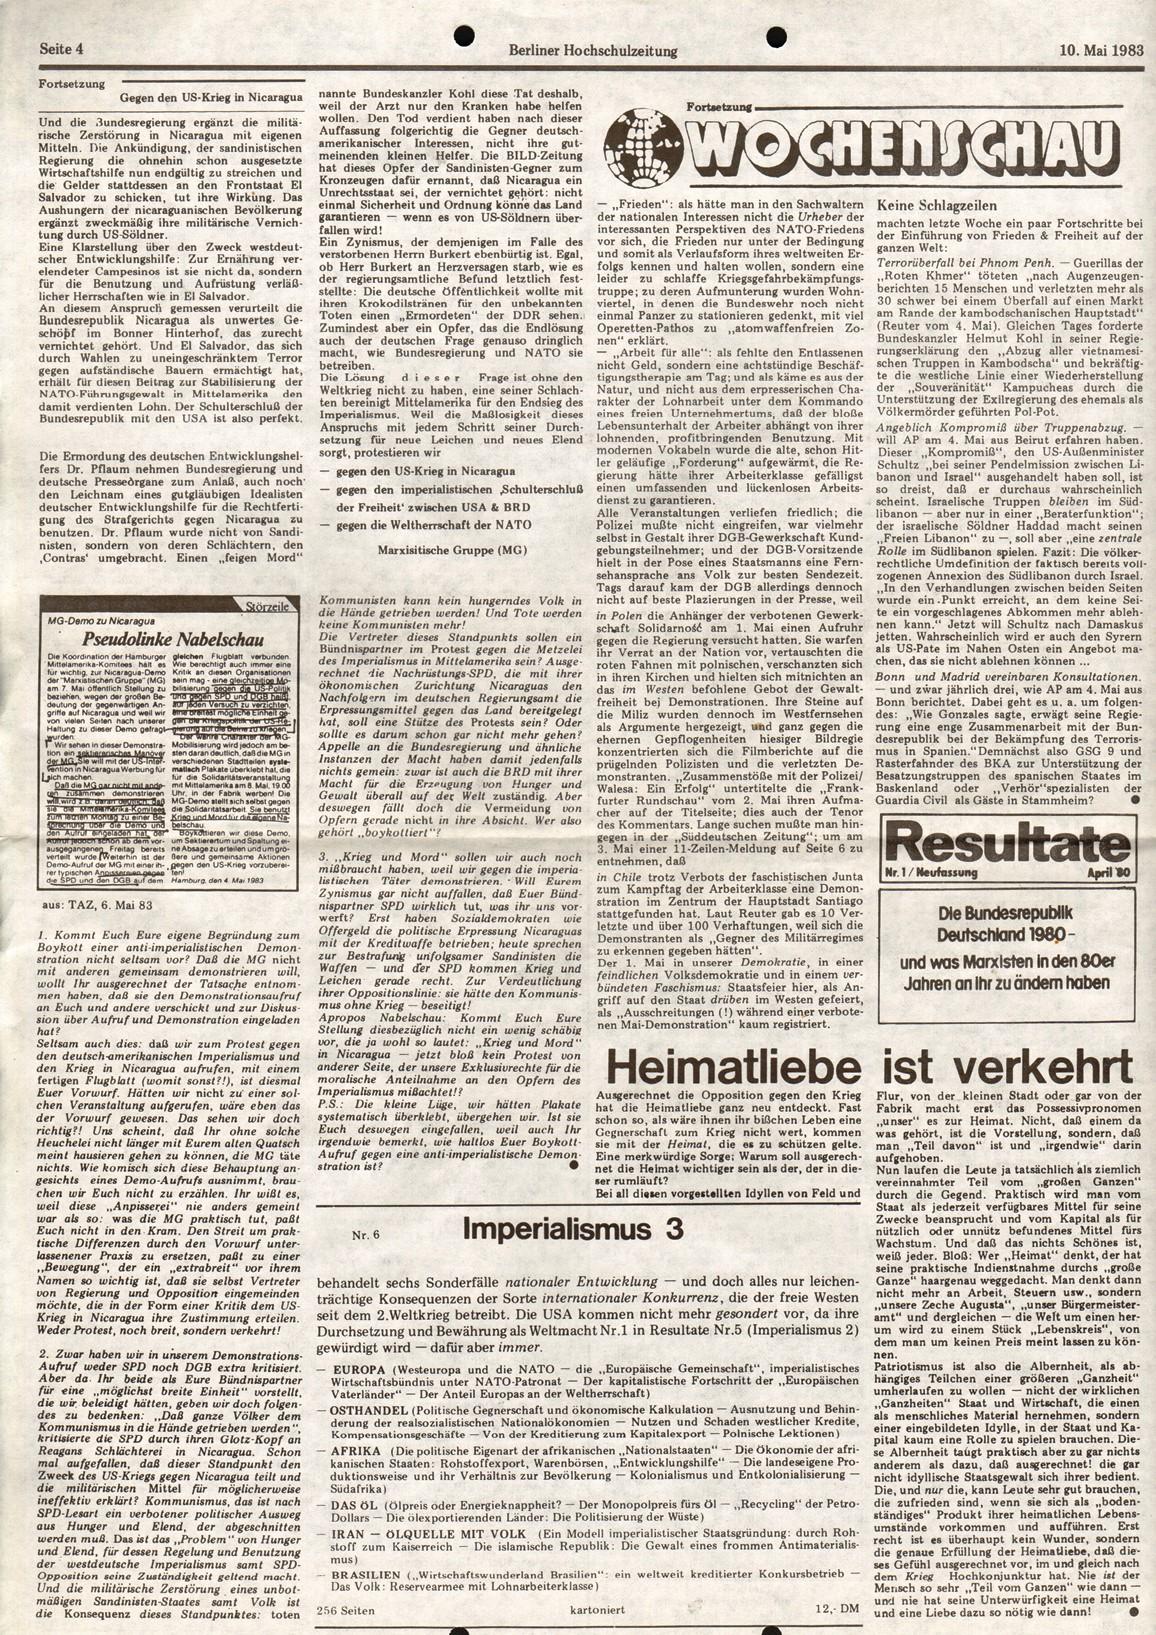 Berlin_MG_Hochschulzeitung_19830510_04